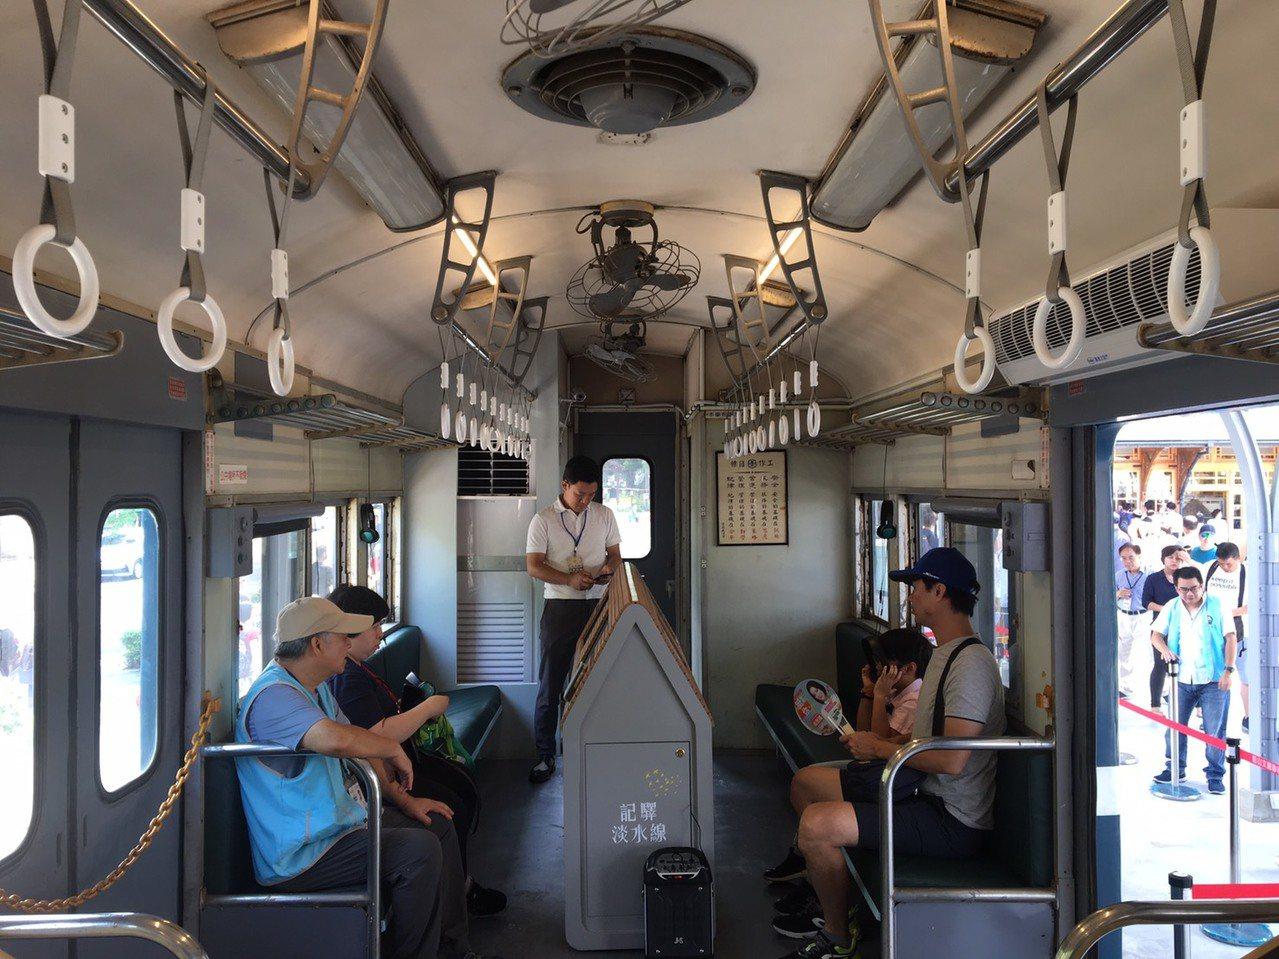 台鐵35TP32850型車廂內,已重現往日樣貌,民眾前來新北投車站時將可上車一睹...